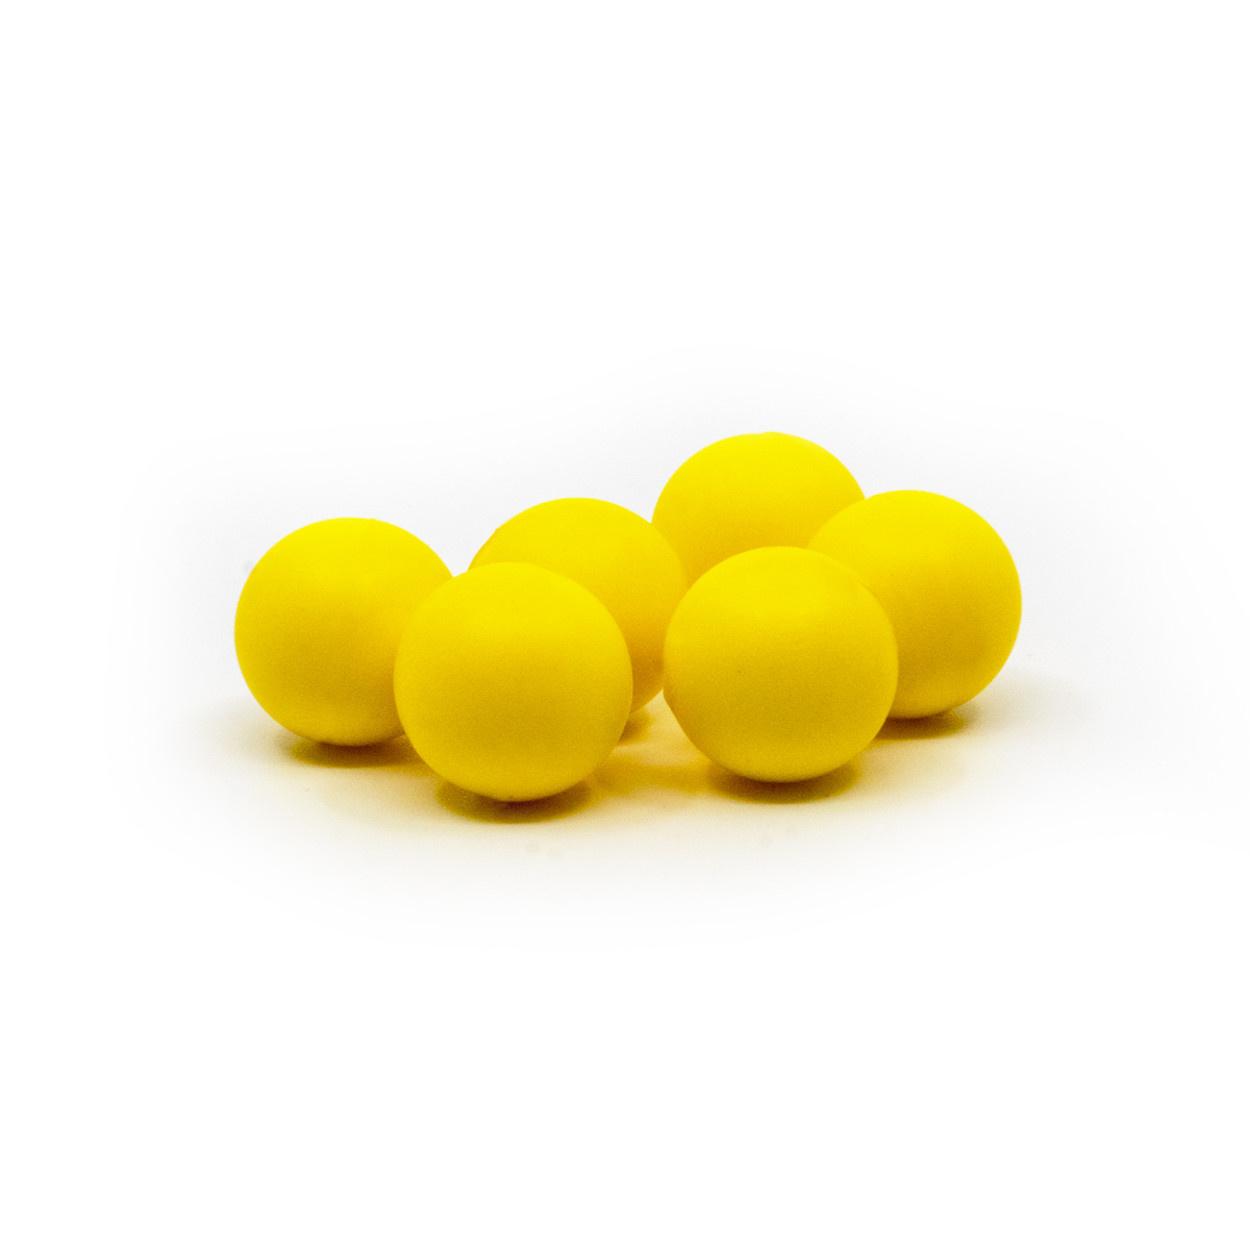 Valken Gotcha balles de mousse souple réutilisables - 500 pièces